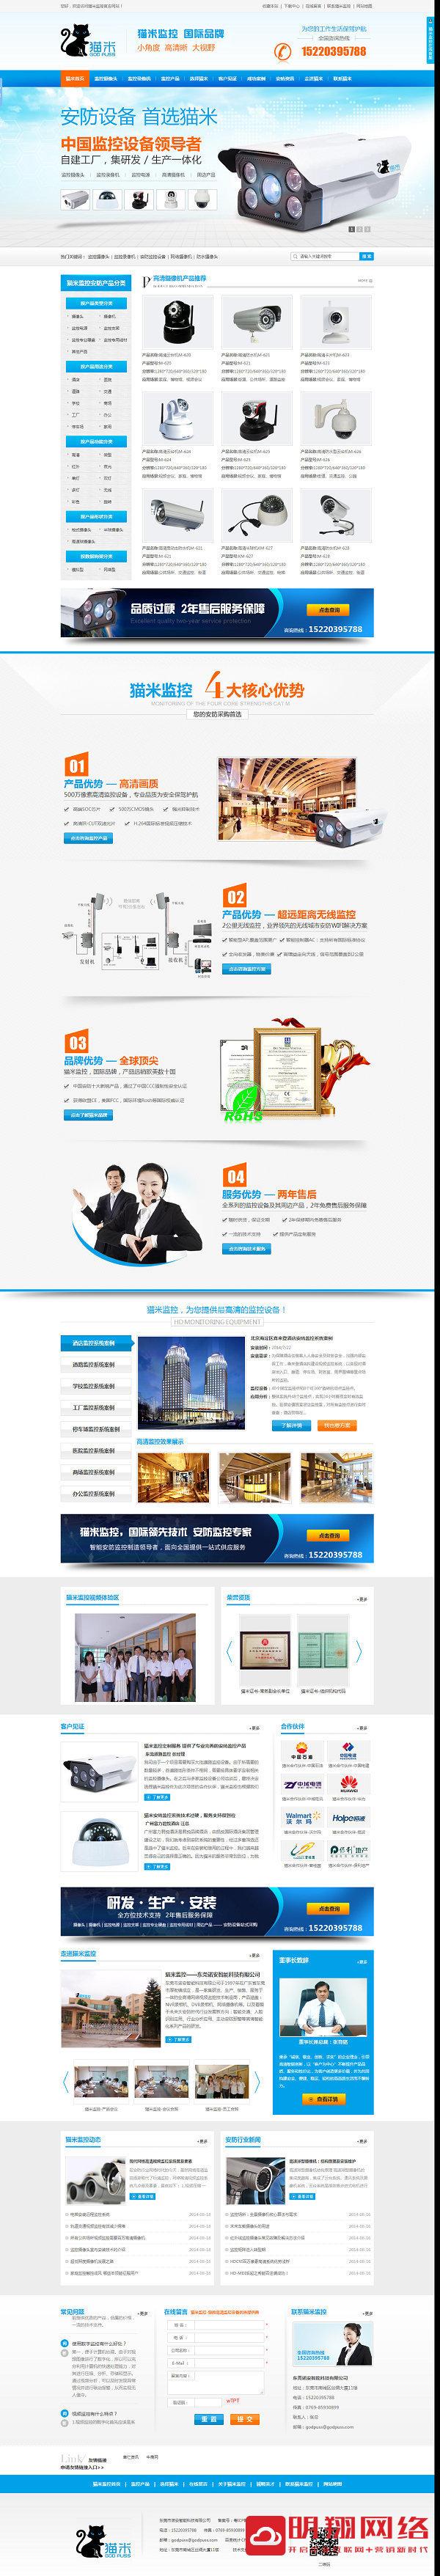 营销型网站建设案例:东莞诺安智能科营销型网站案例展示